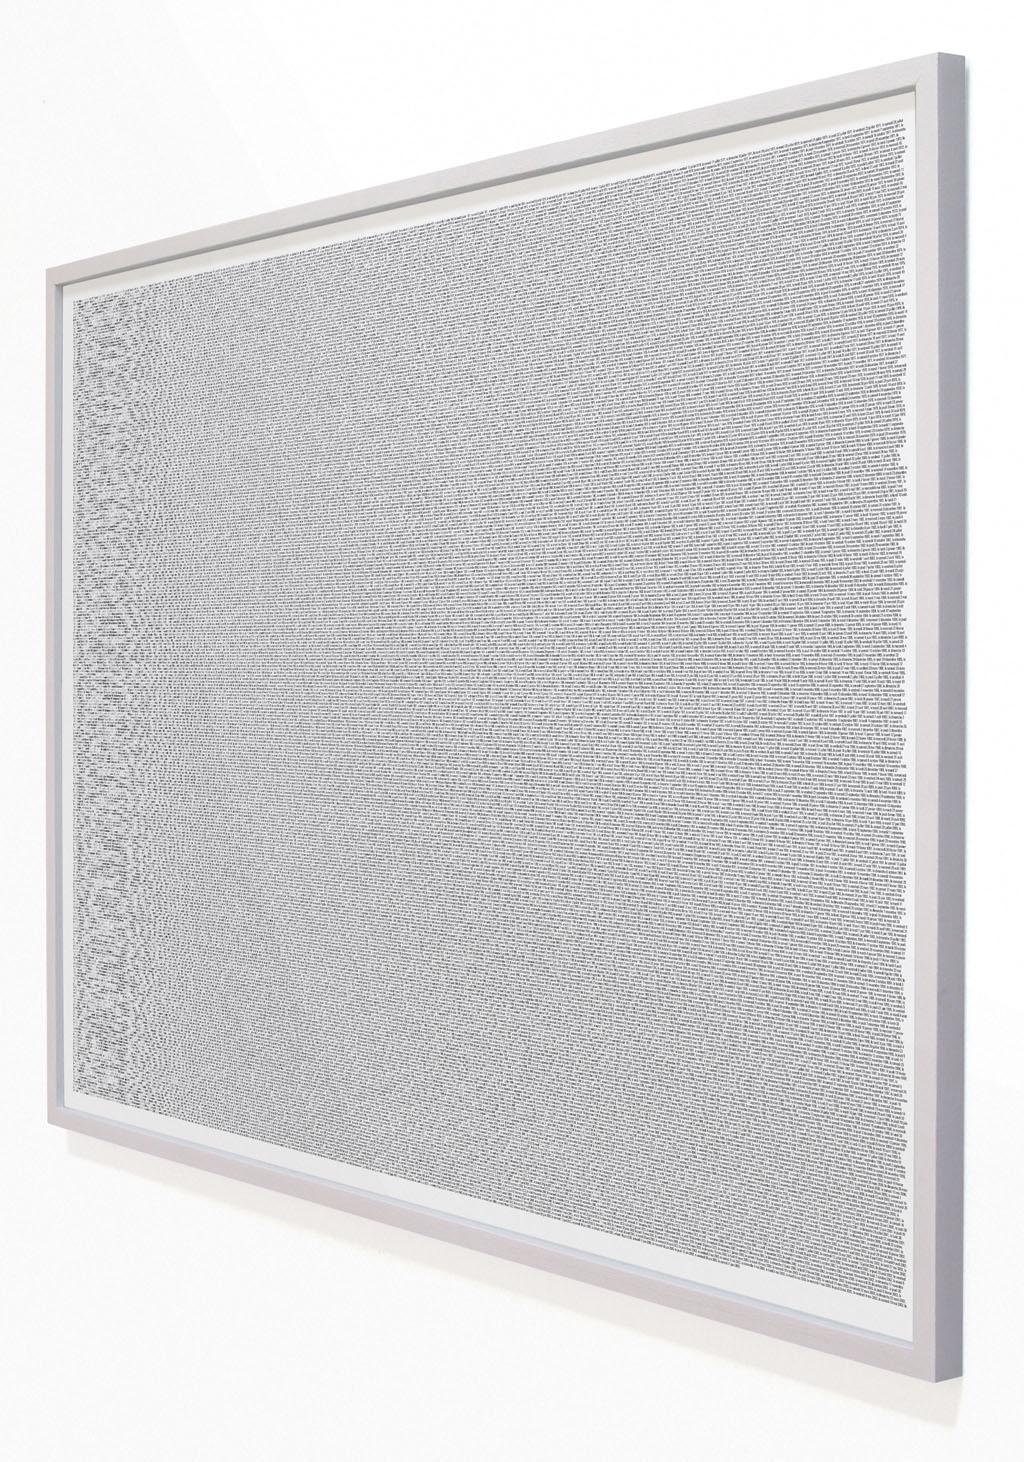 Claude Closky, 'Laurent Claquin, portrait au 21 juin 2003', 1991-2003, bromide print mounted on aluminum, 45 x 62 cm.